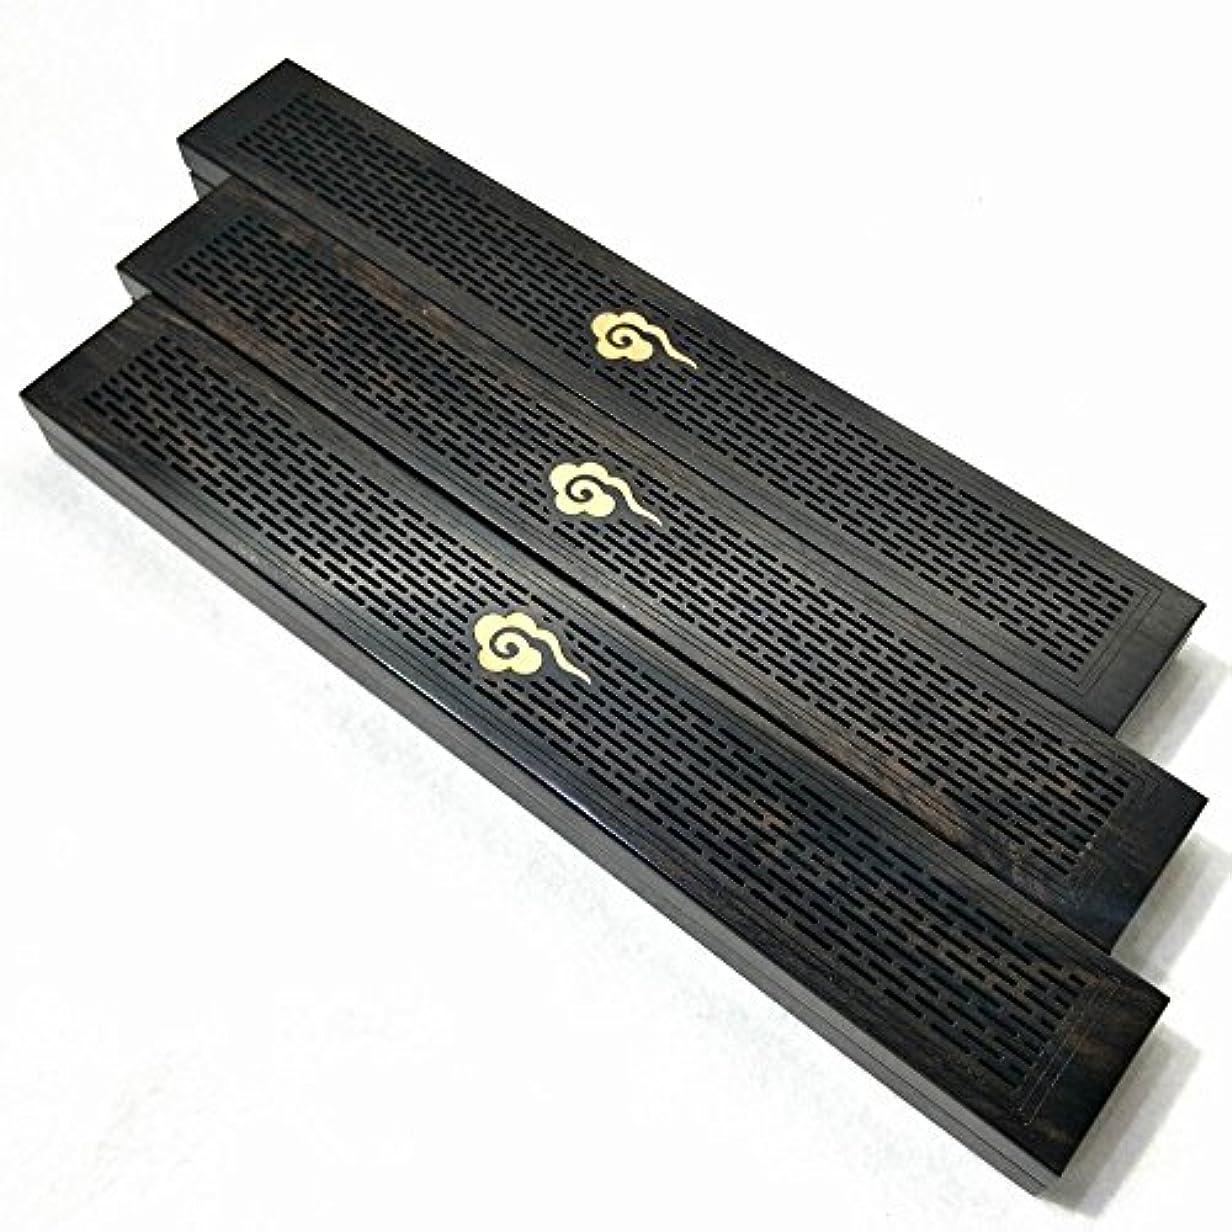 有効な証明書ブラインド黒檀はめ柘植線香合、ホームの茶道を炉 (ずいうん)